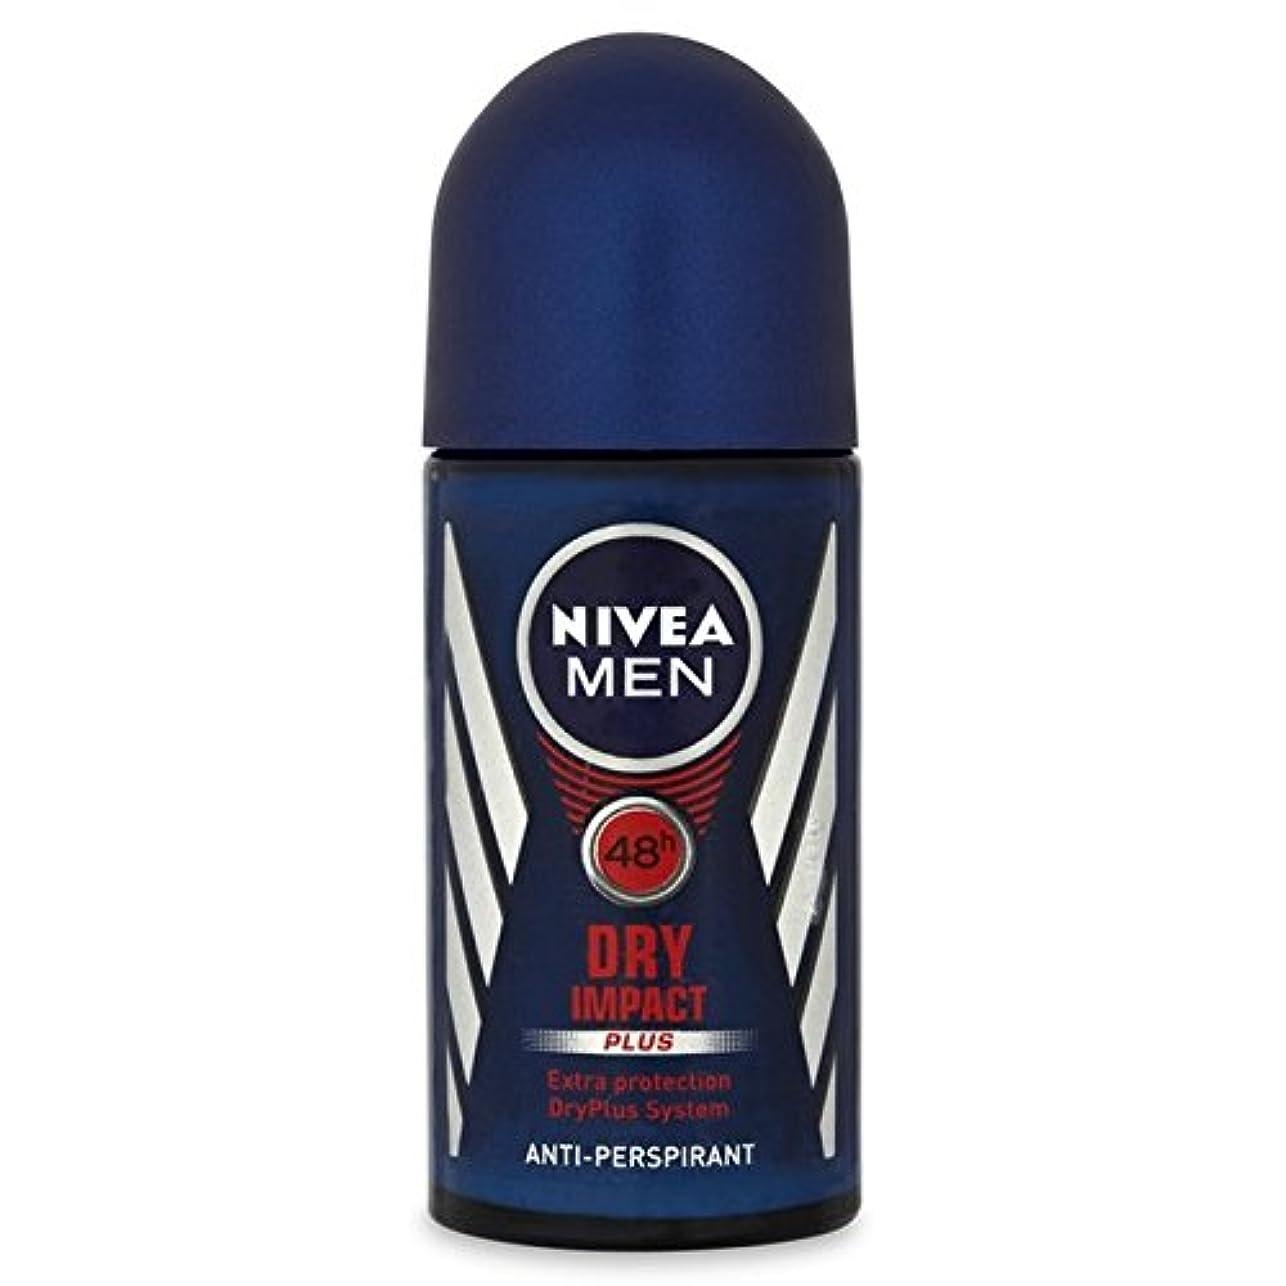 さておき意見拡大する制汗デオドラント50ミリリットルのニベア男性の目に見えない影響ロール x4 - Nivea Men Invisible Impact Roll On Anti-Perspirant Deodorant 50ml (Pack...